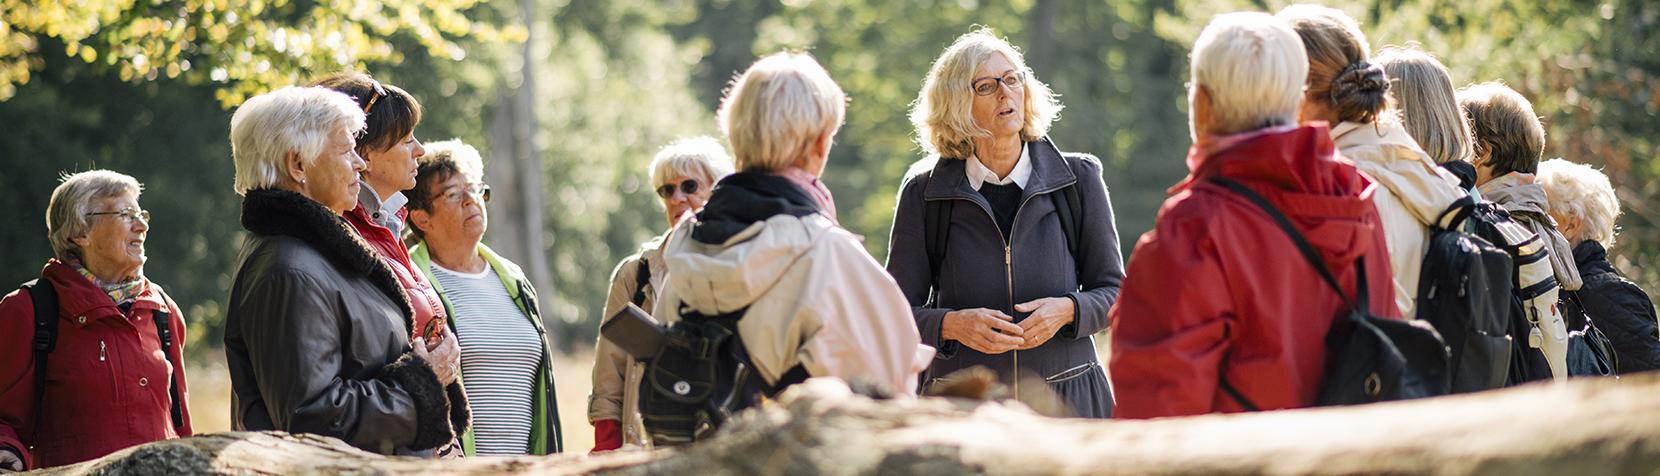 Senior borgere på tur i skoven